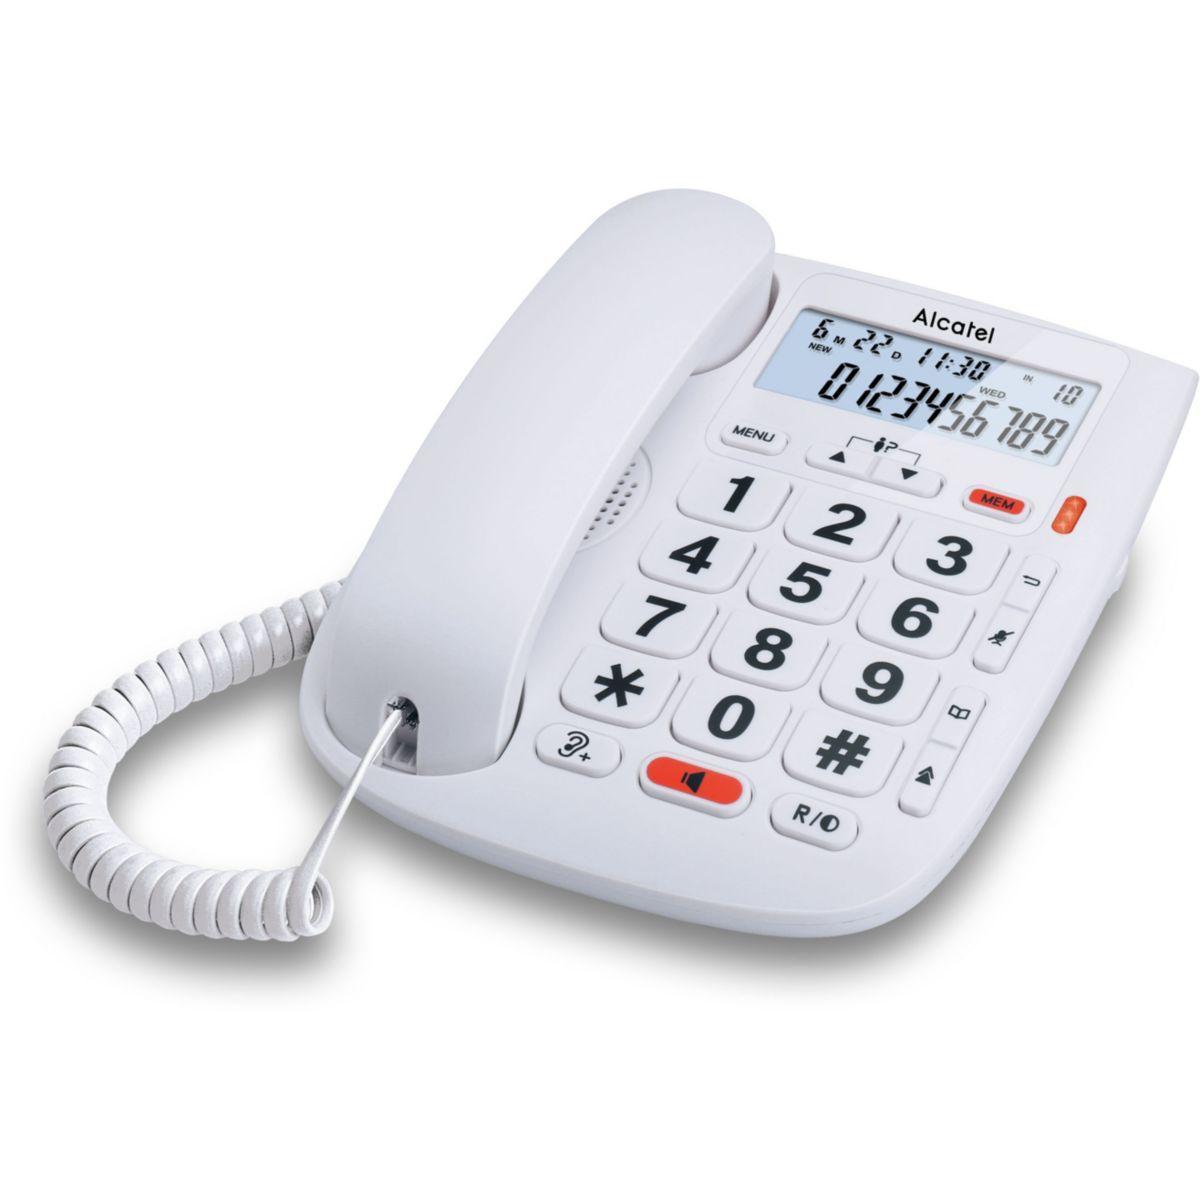 Téléphone fixe grosses touches alcatel t max 20 - 2% de remise immédiate avec le code : cool2 (photo)